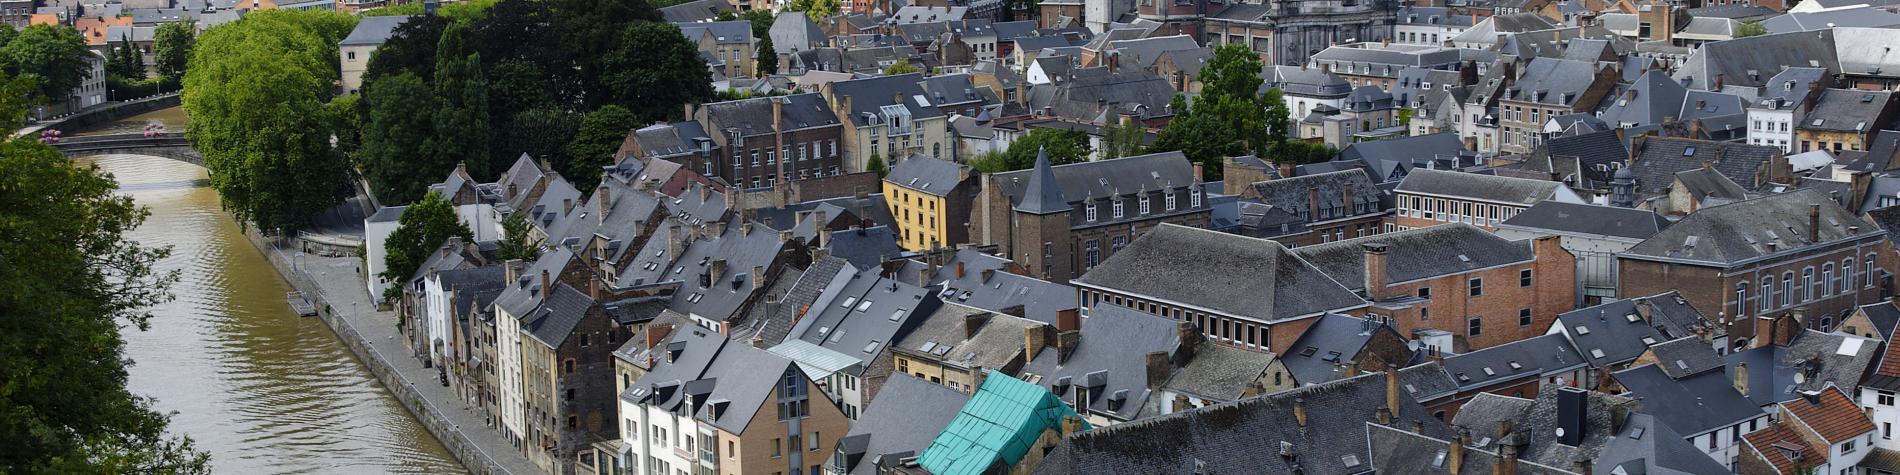 Point de vue sur la ville de Namur et son fleuve, la Meuse